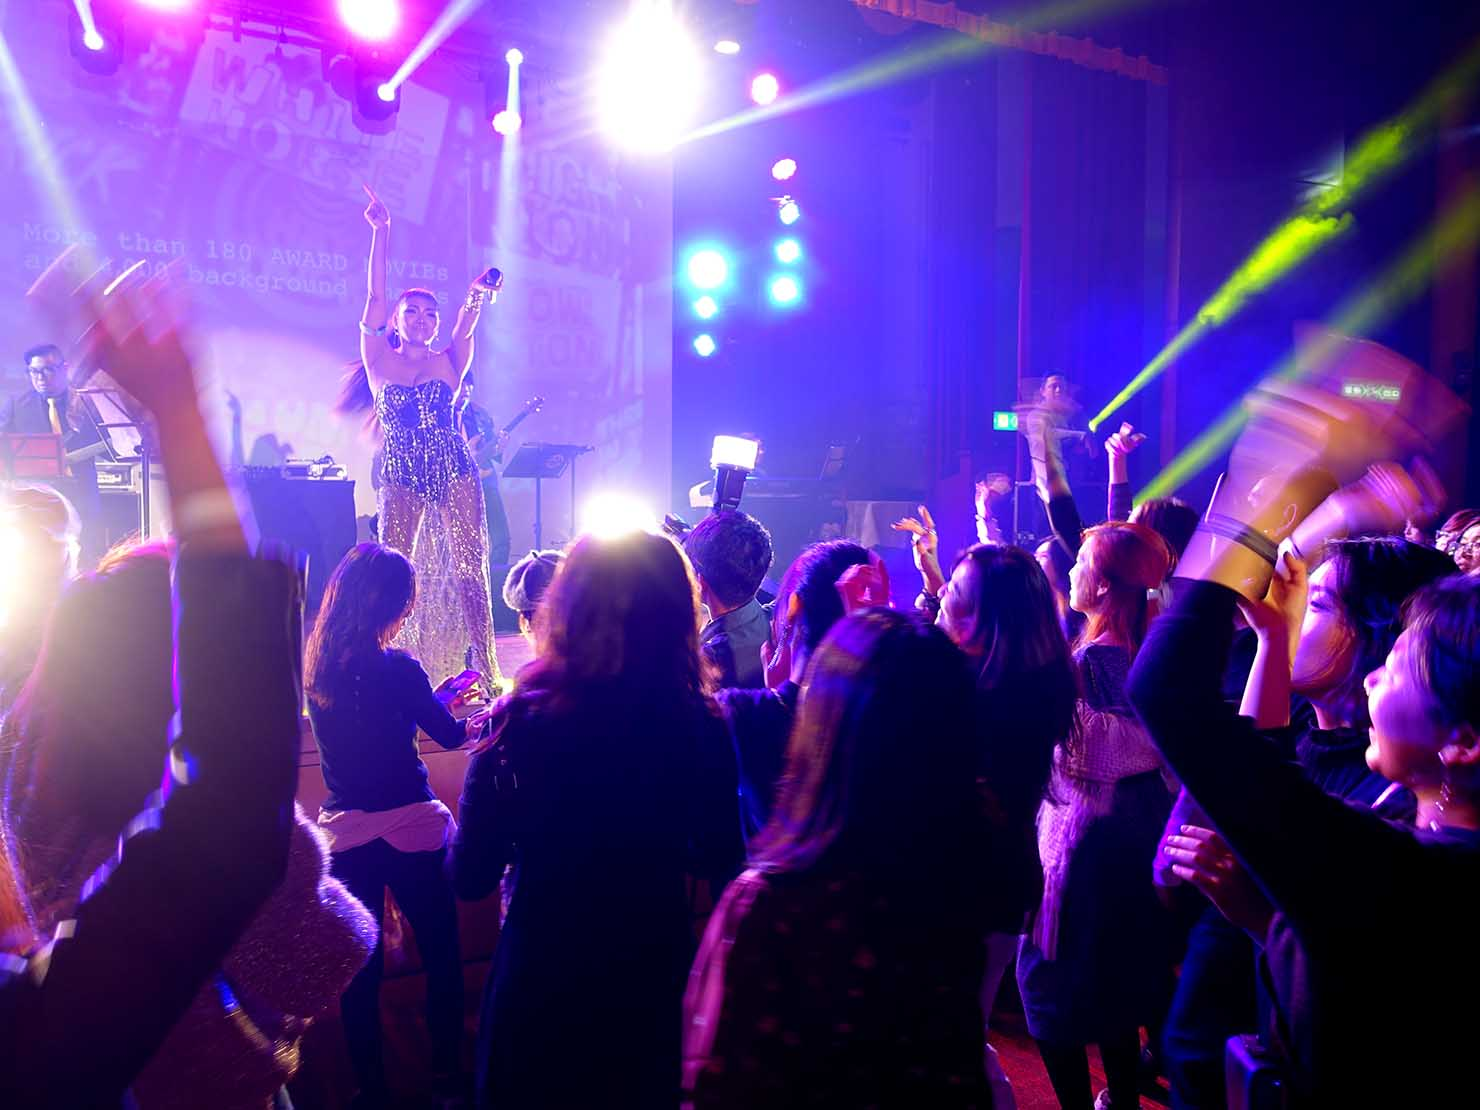 台北・圓山大飯店のカウントダウンパーティー「Bling Bling跨年派對」ステージに登場するアーティスト・丁詩瑀(BIRDY)さんのパフォーマンス